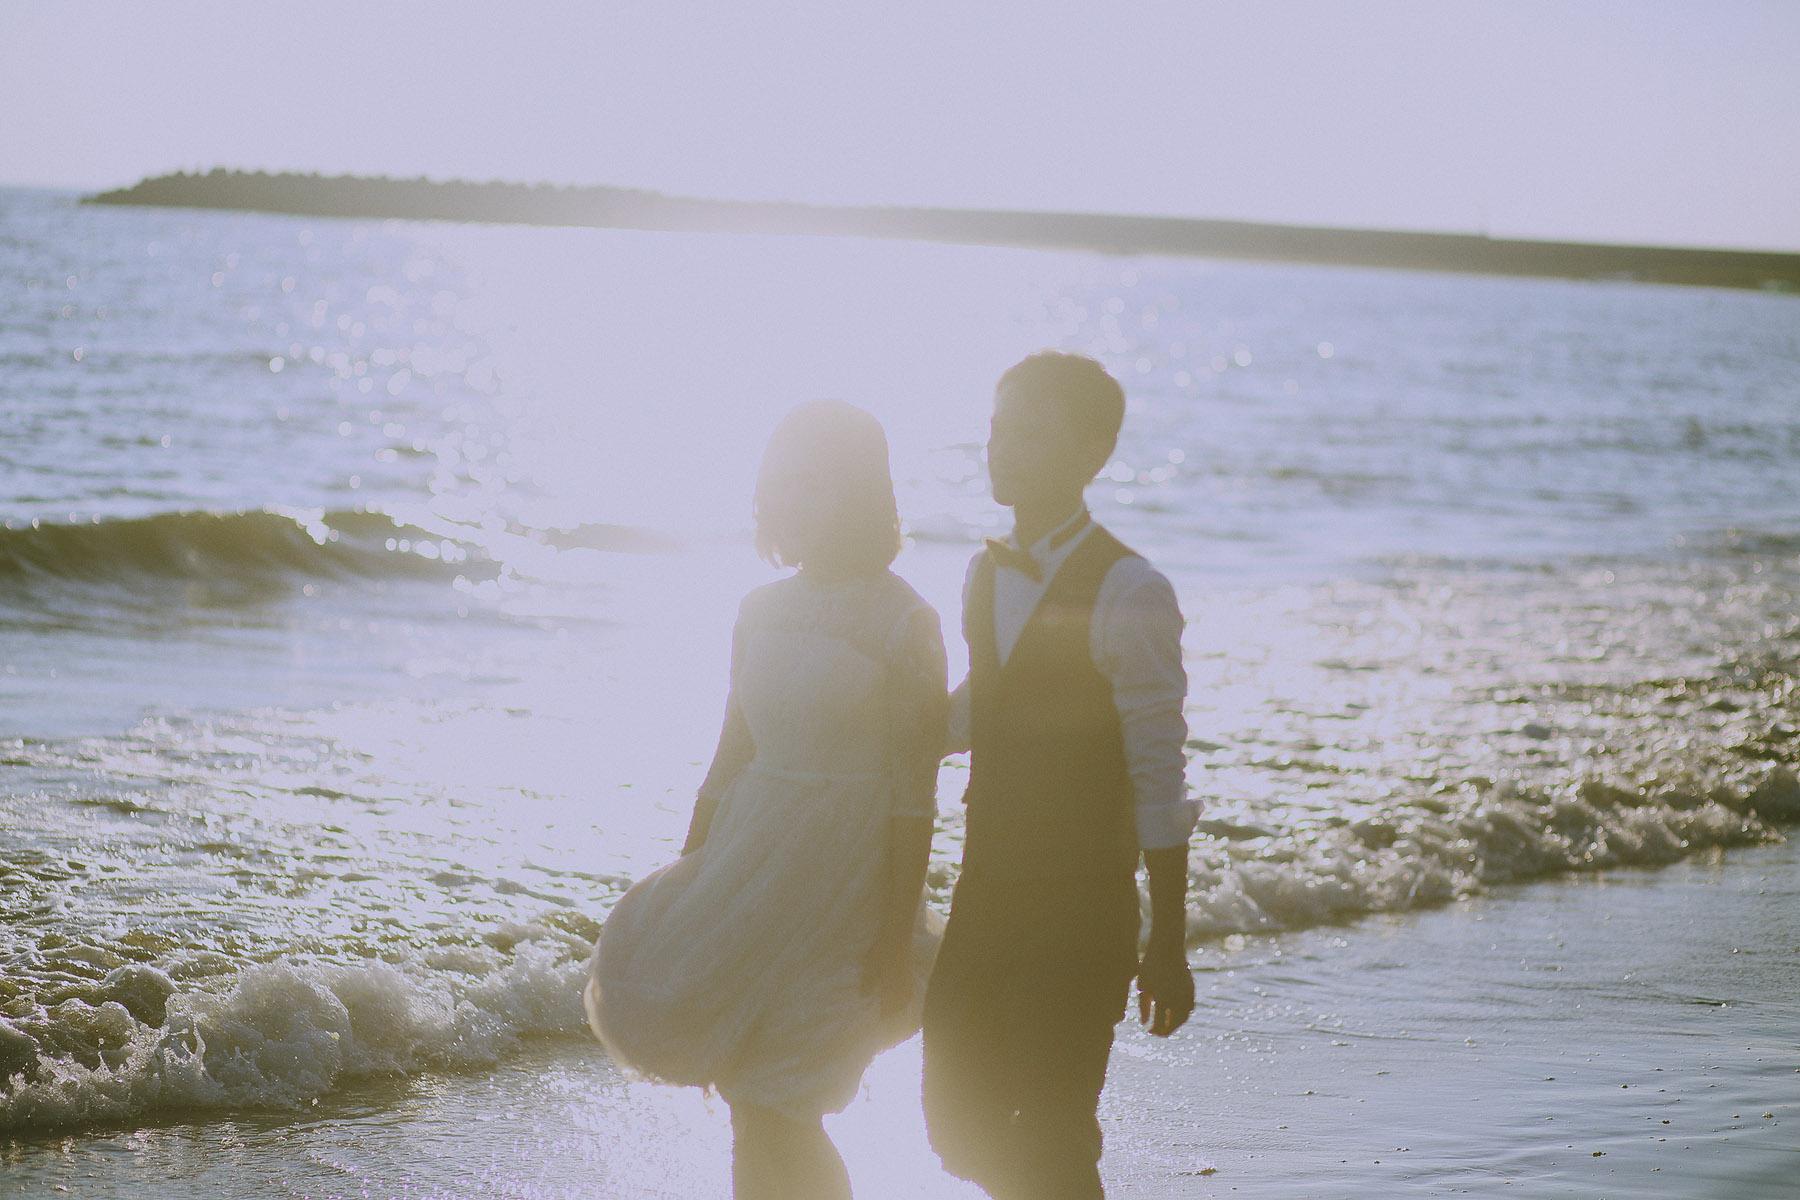 底片婚攝,海邊,逆光,自助婚紗,自然風格,生活風格